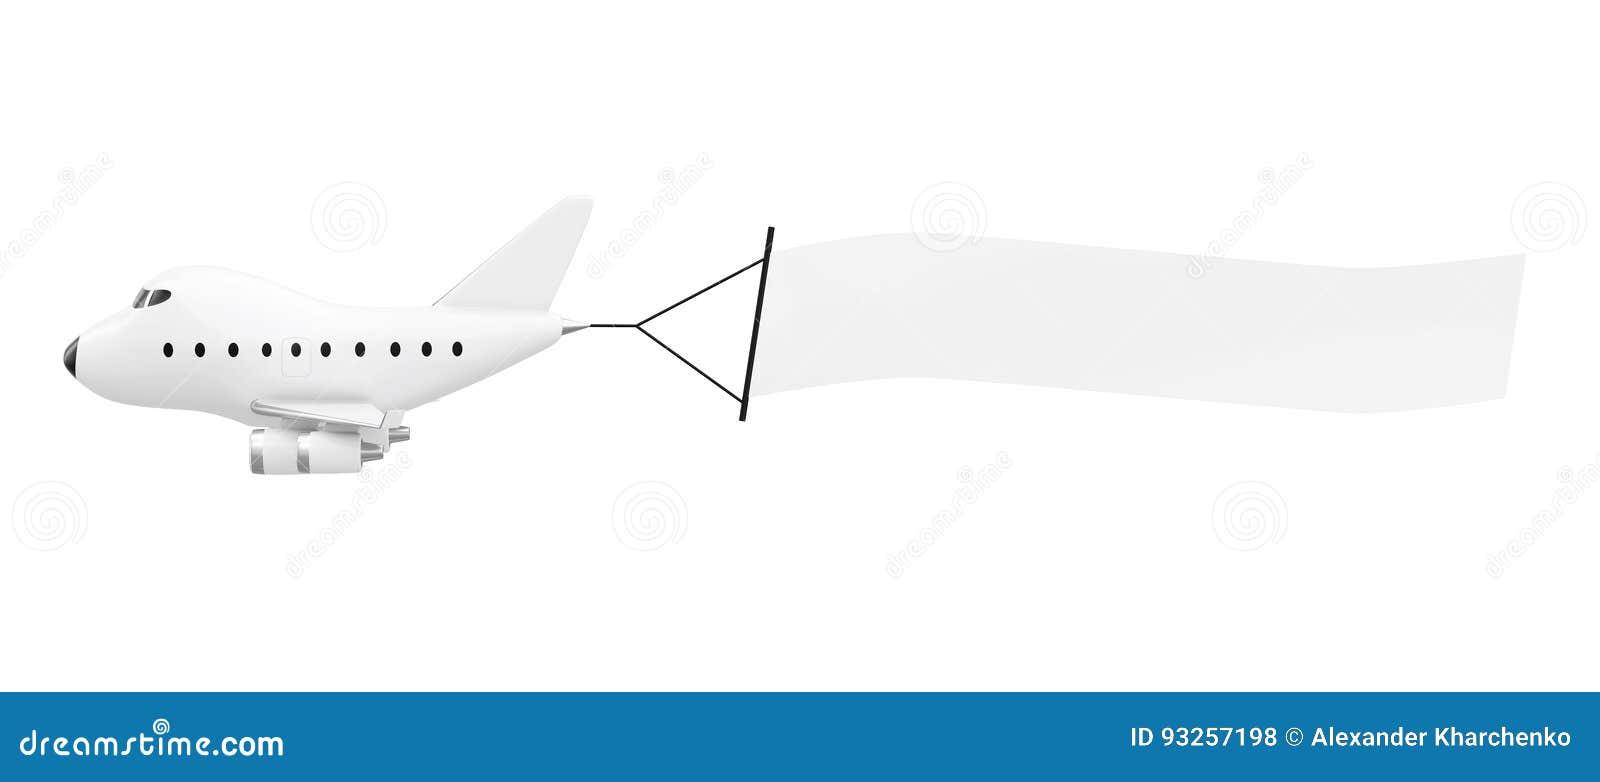 Lege lucht reclame Beeldverhaal Toy Jet Airplane met Lege Bedelaars